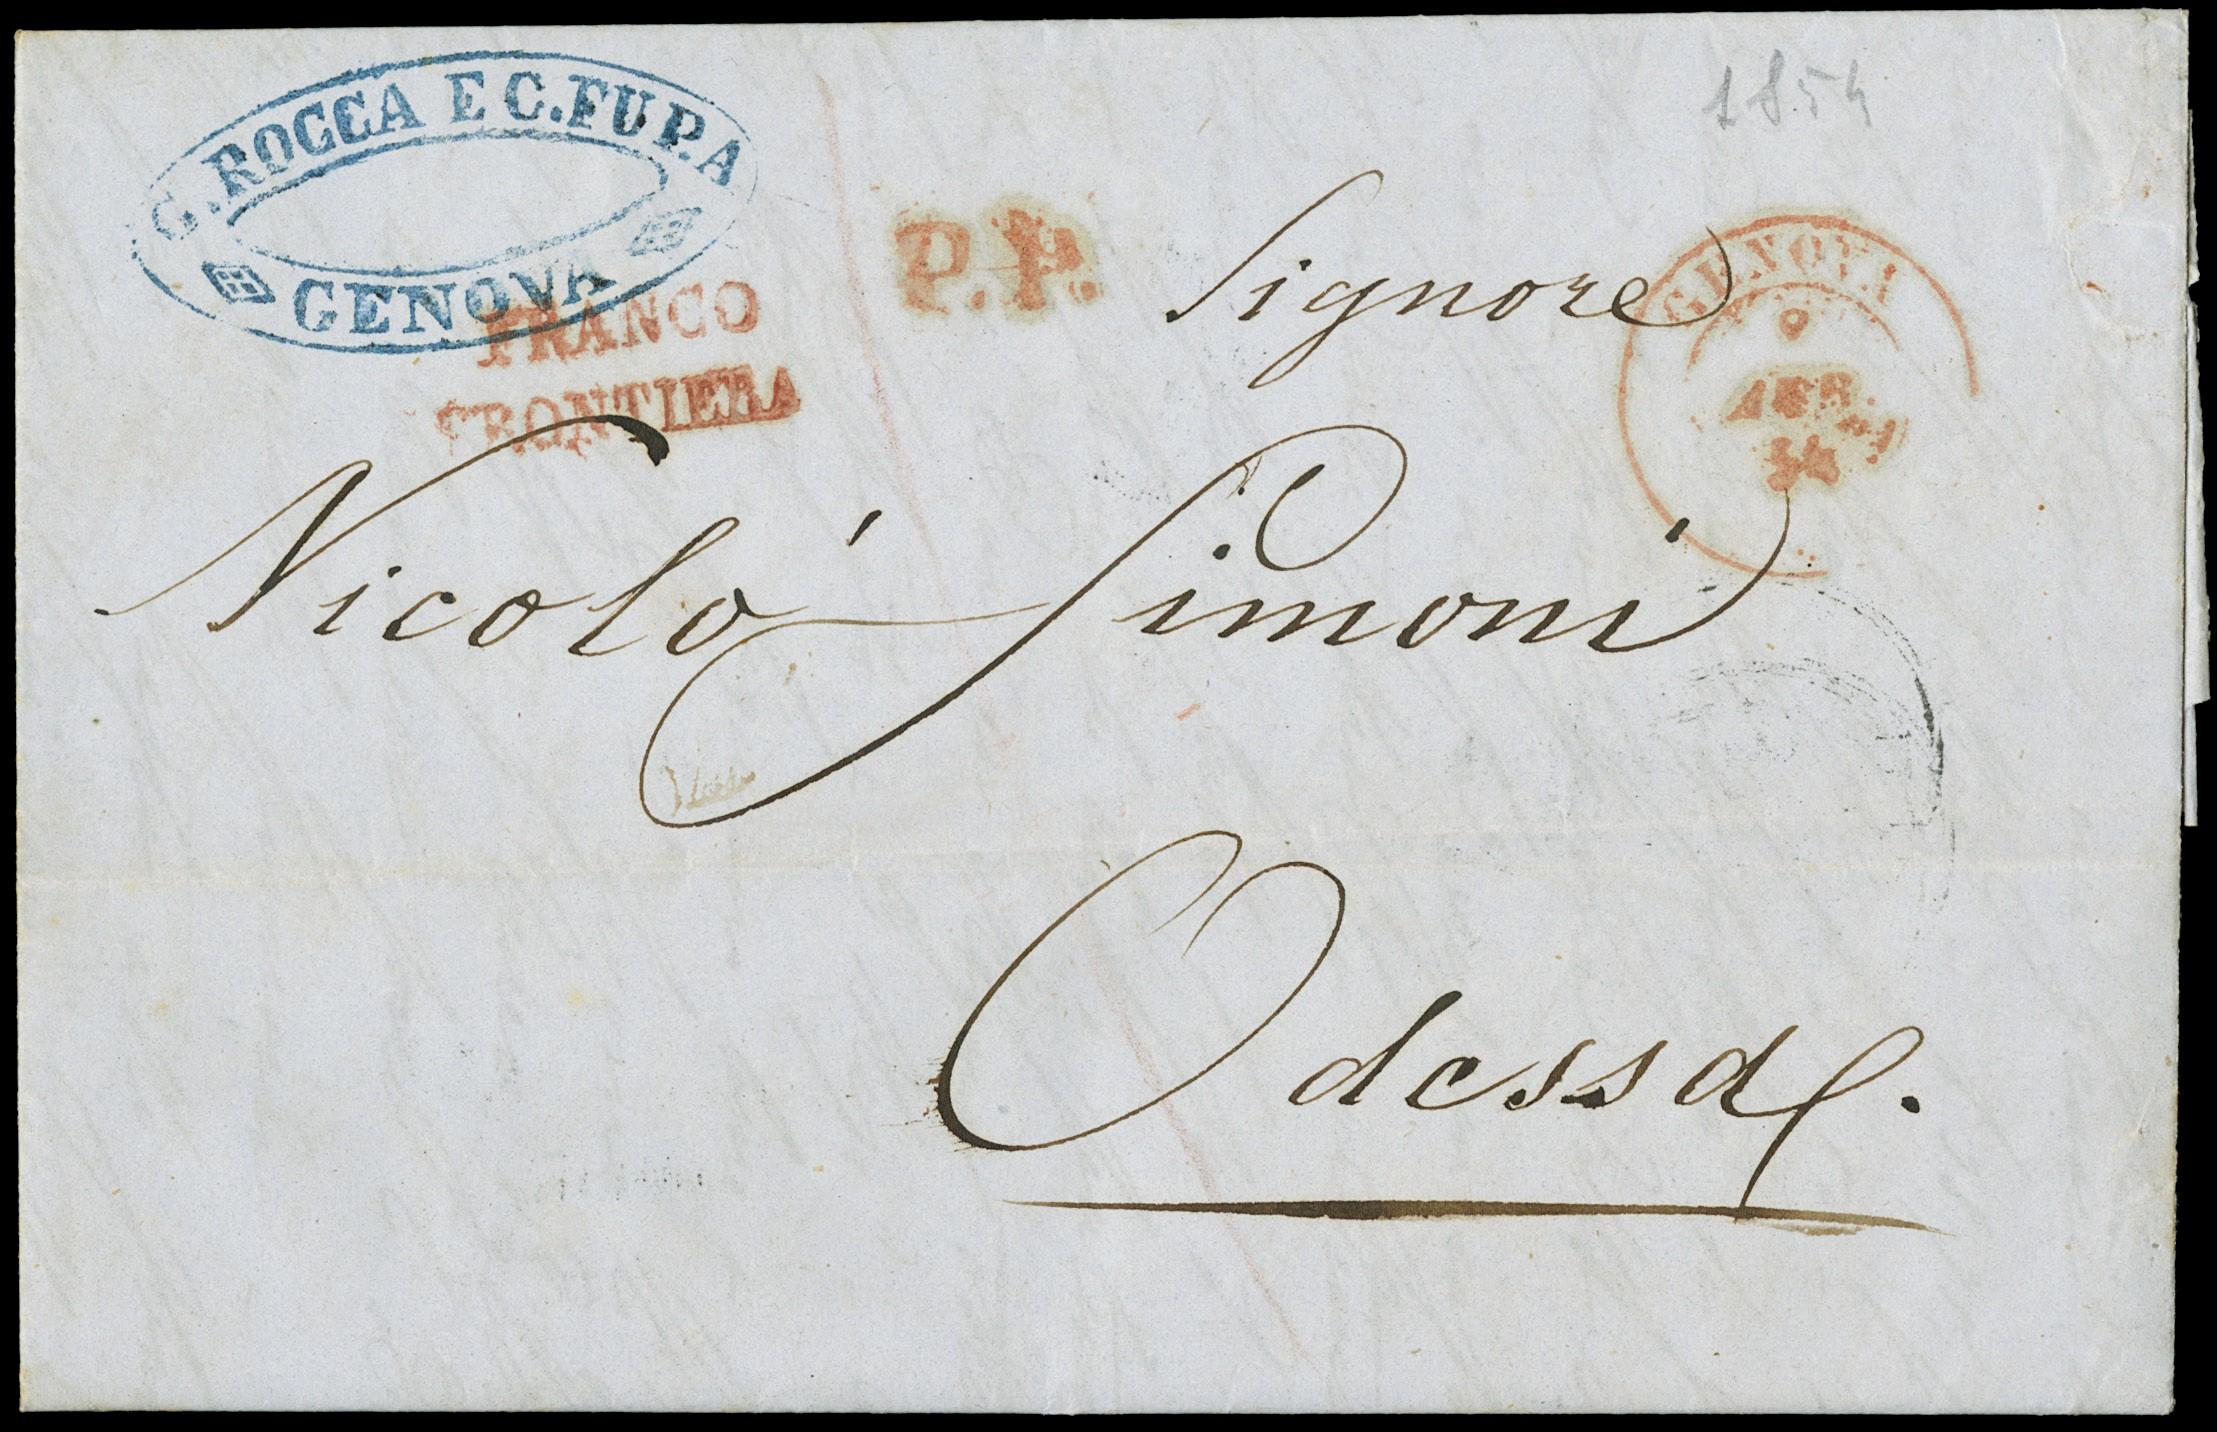 Lot 4028 - sardegna lotti e collezioni -  Zanaria Aste s.r.l. 9th Philatelic Auction